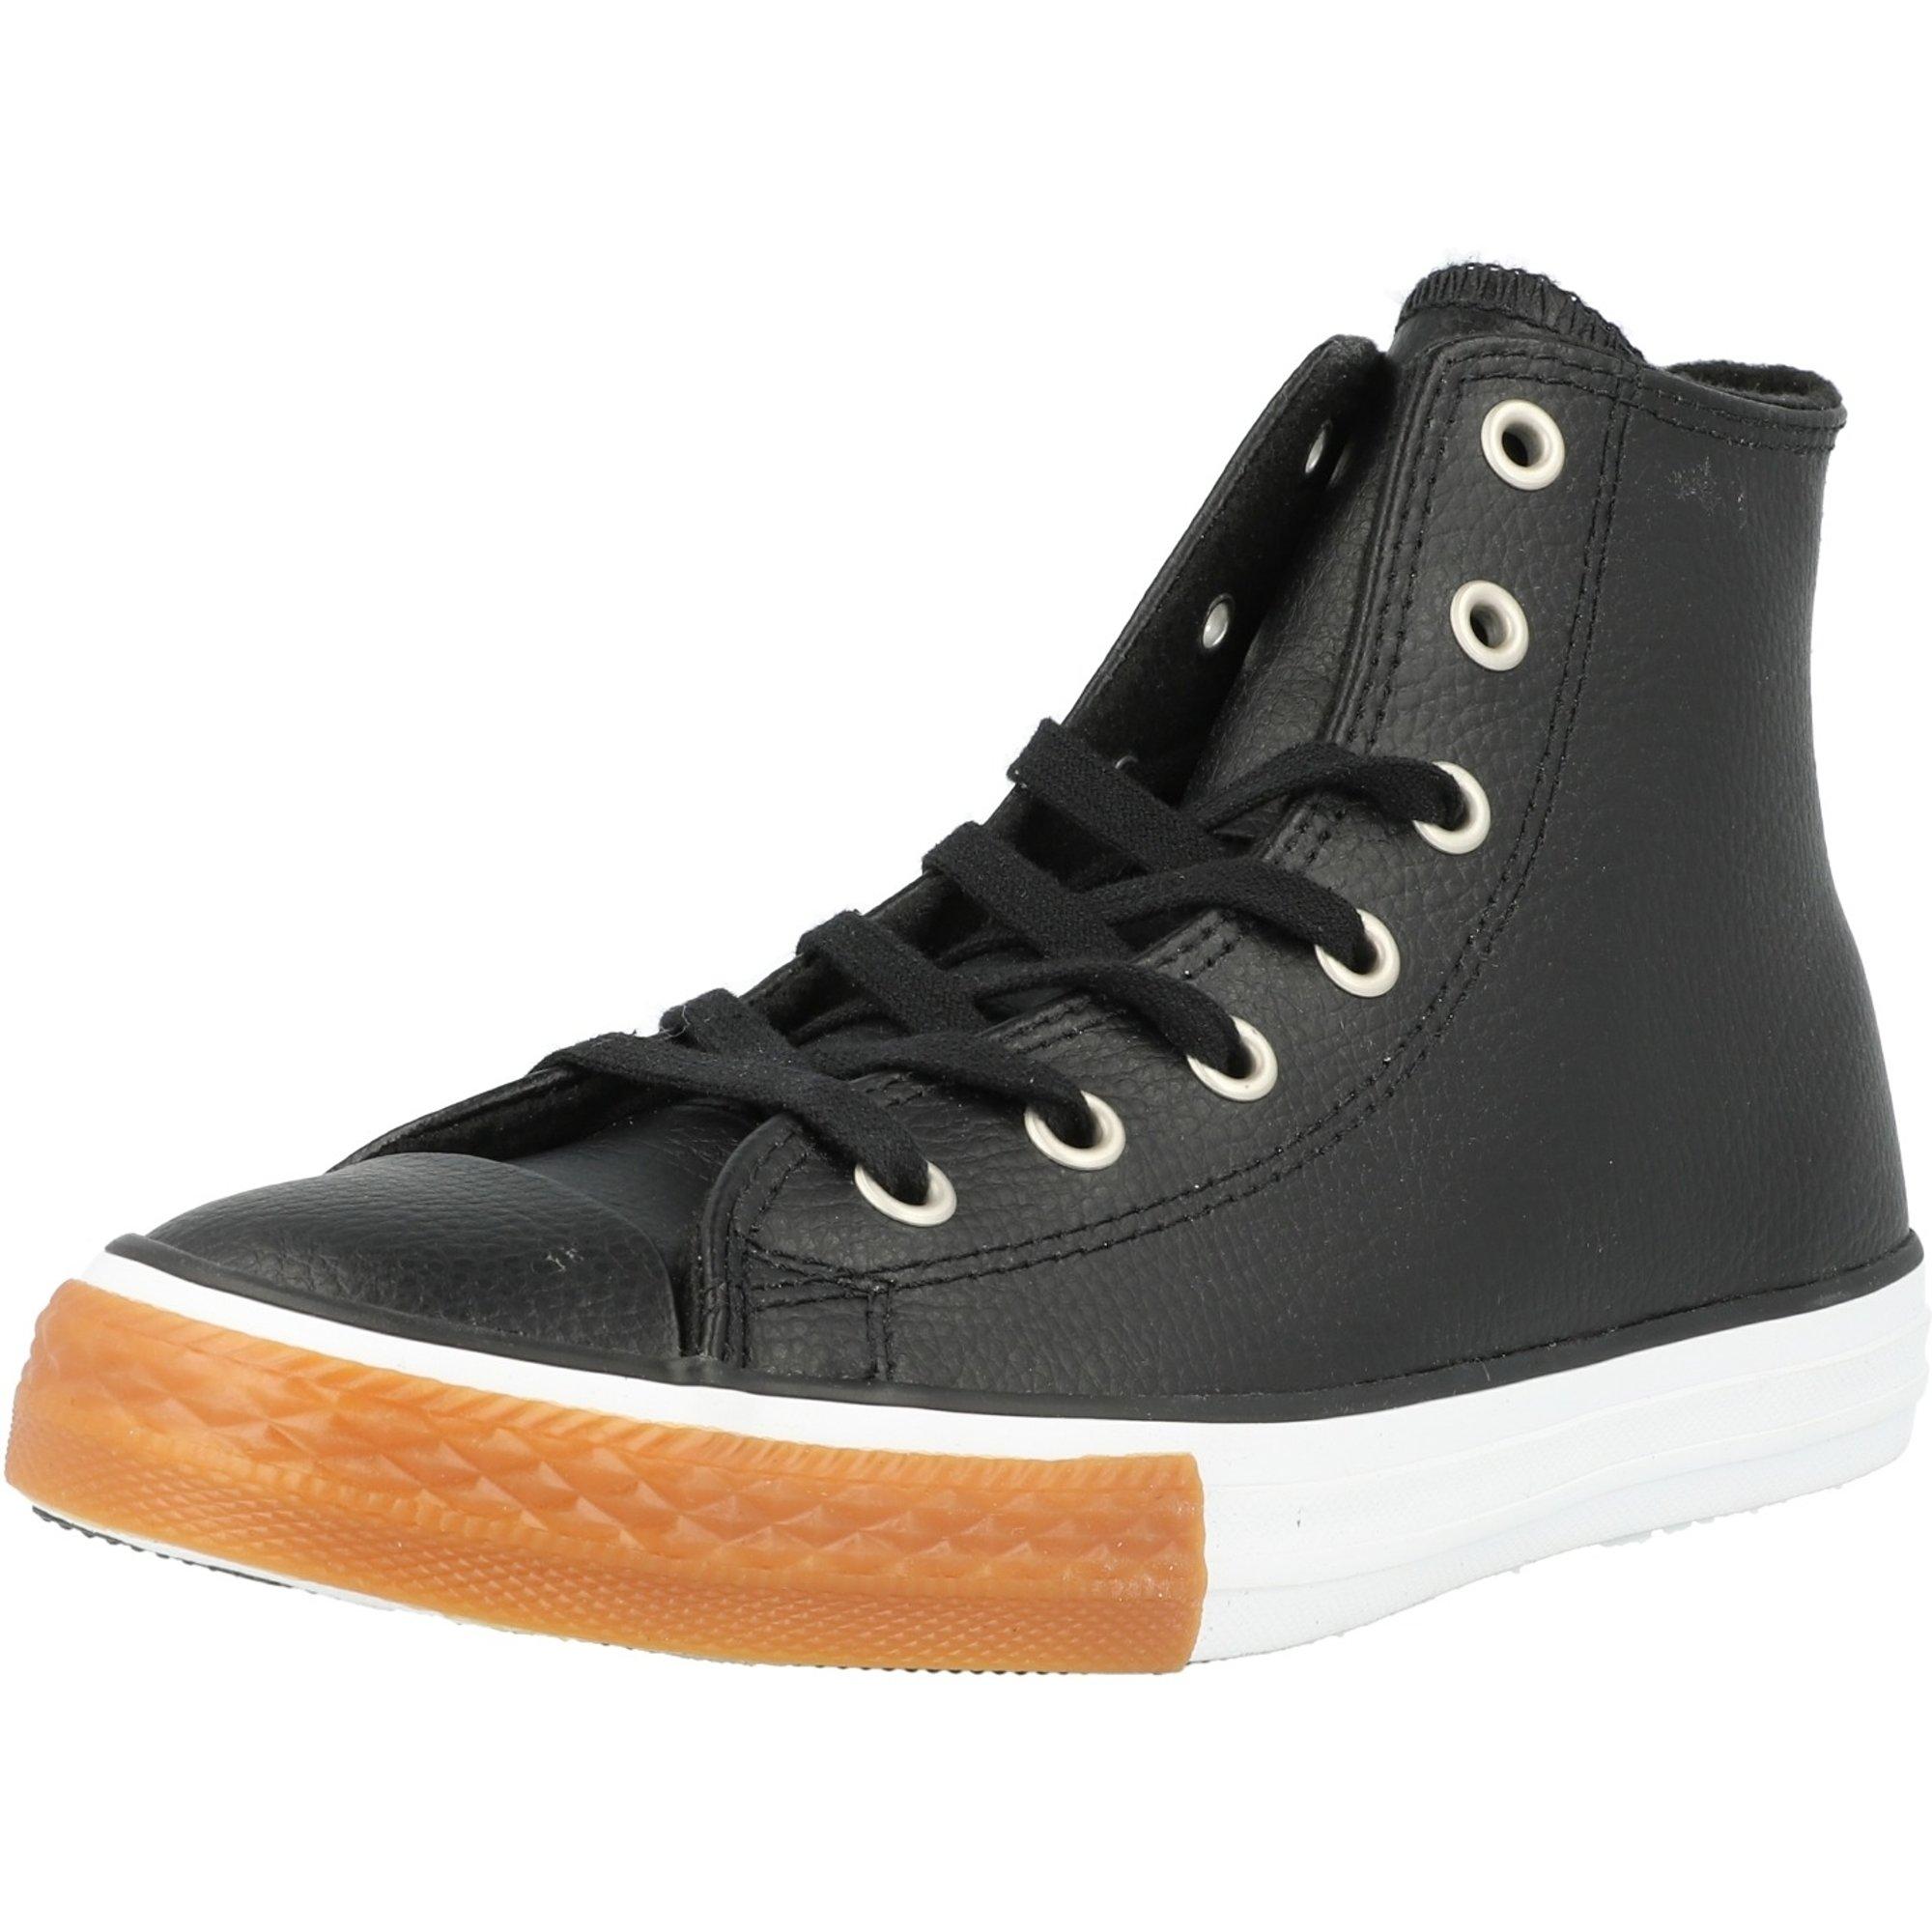 Converse All Star Leder Schuhe online shop 2019